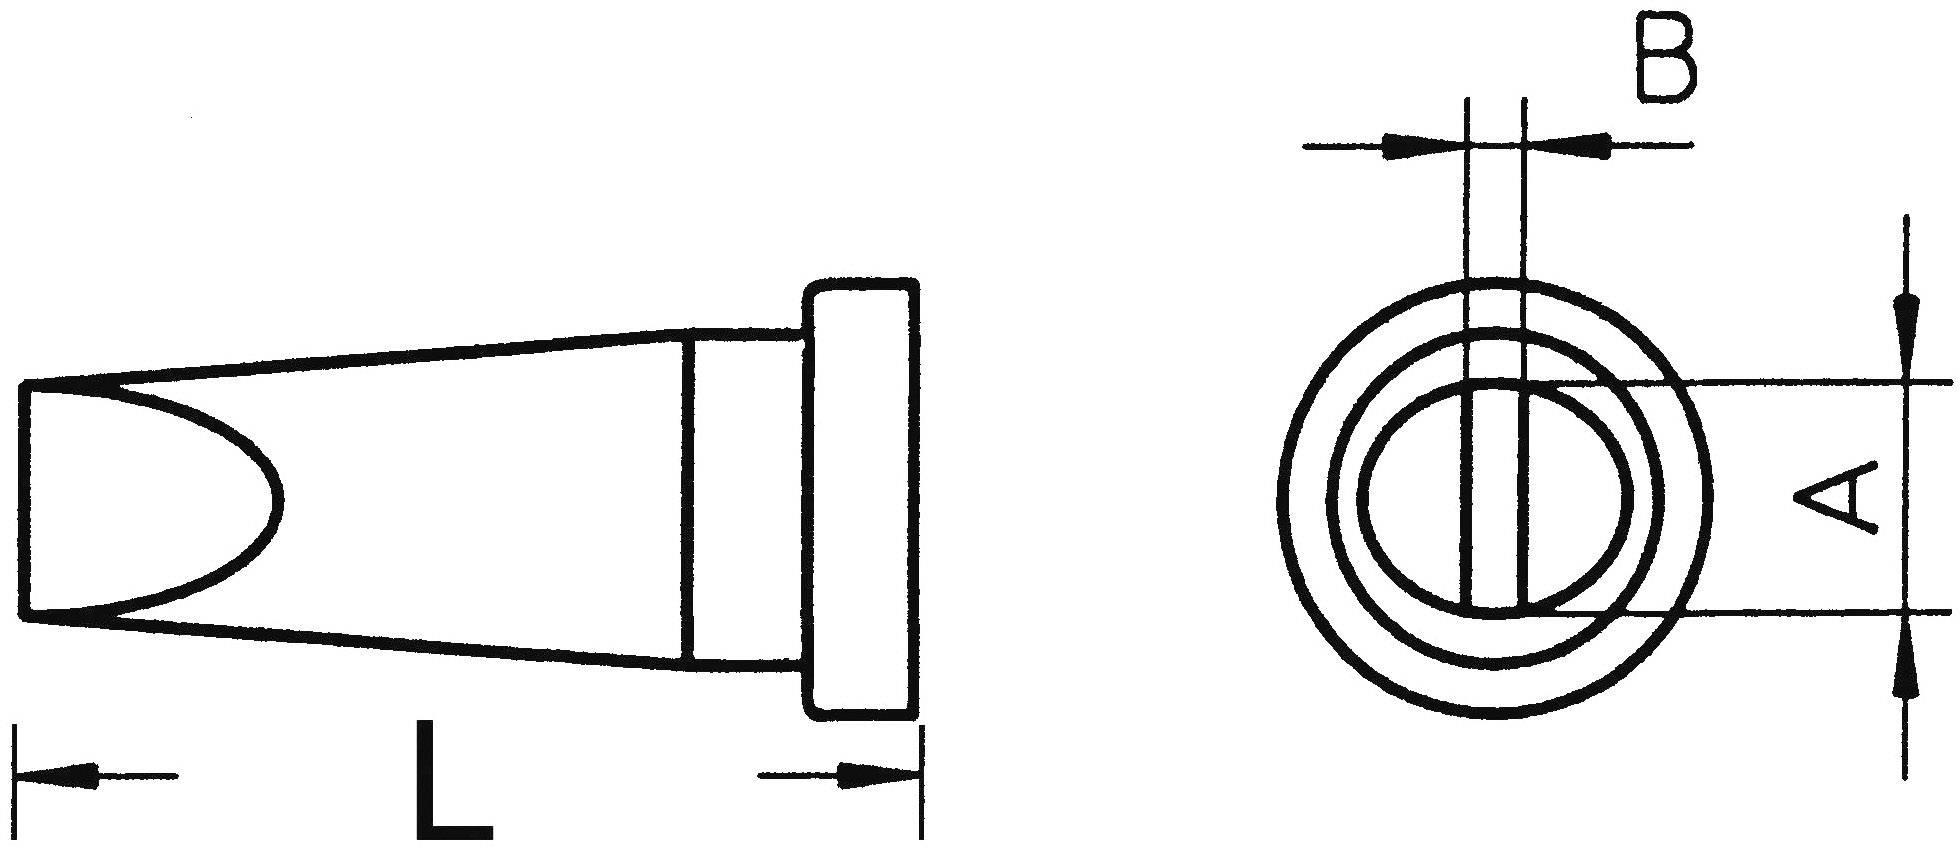 Spájkovací hrot dlátová forma, rovná Weller Professional LT-H, velikost hrotu 0.8 mm, 1 ks